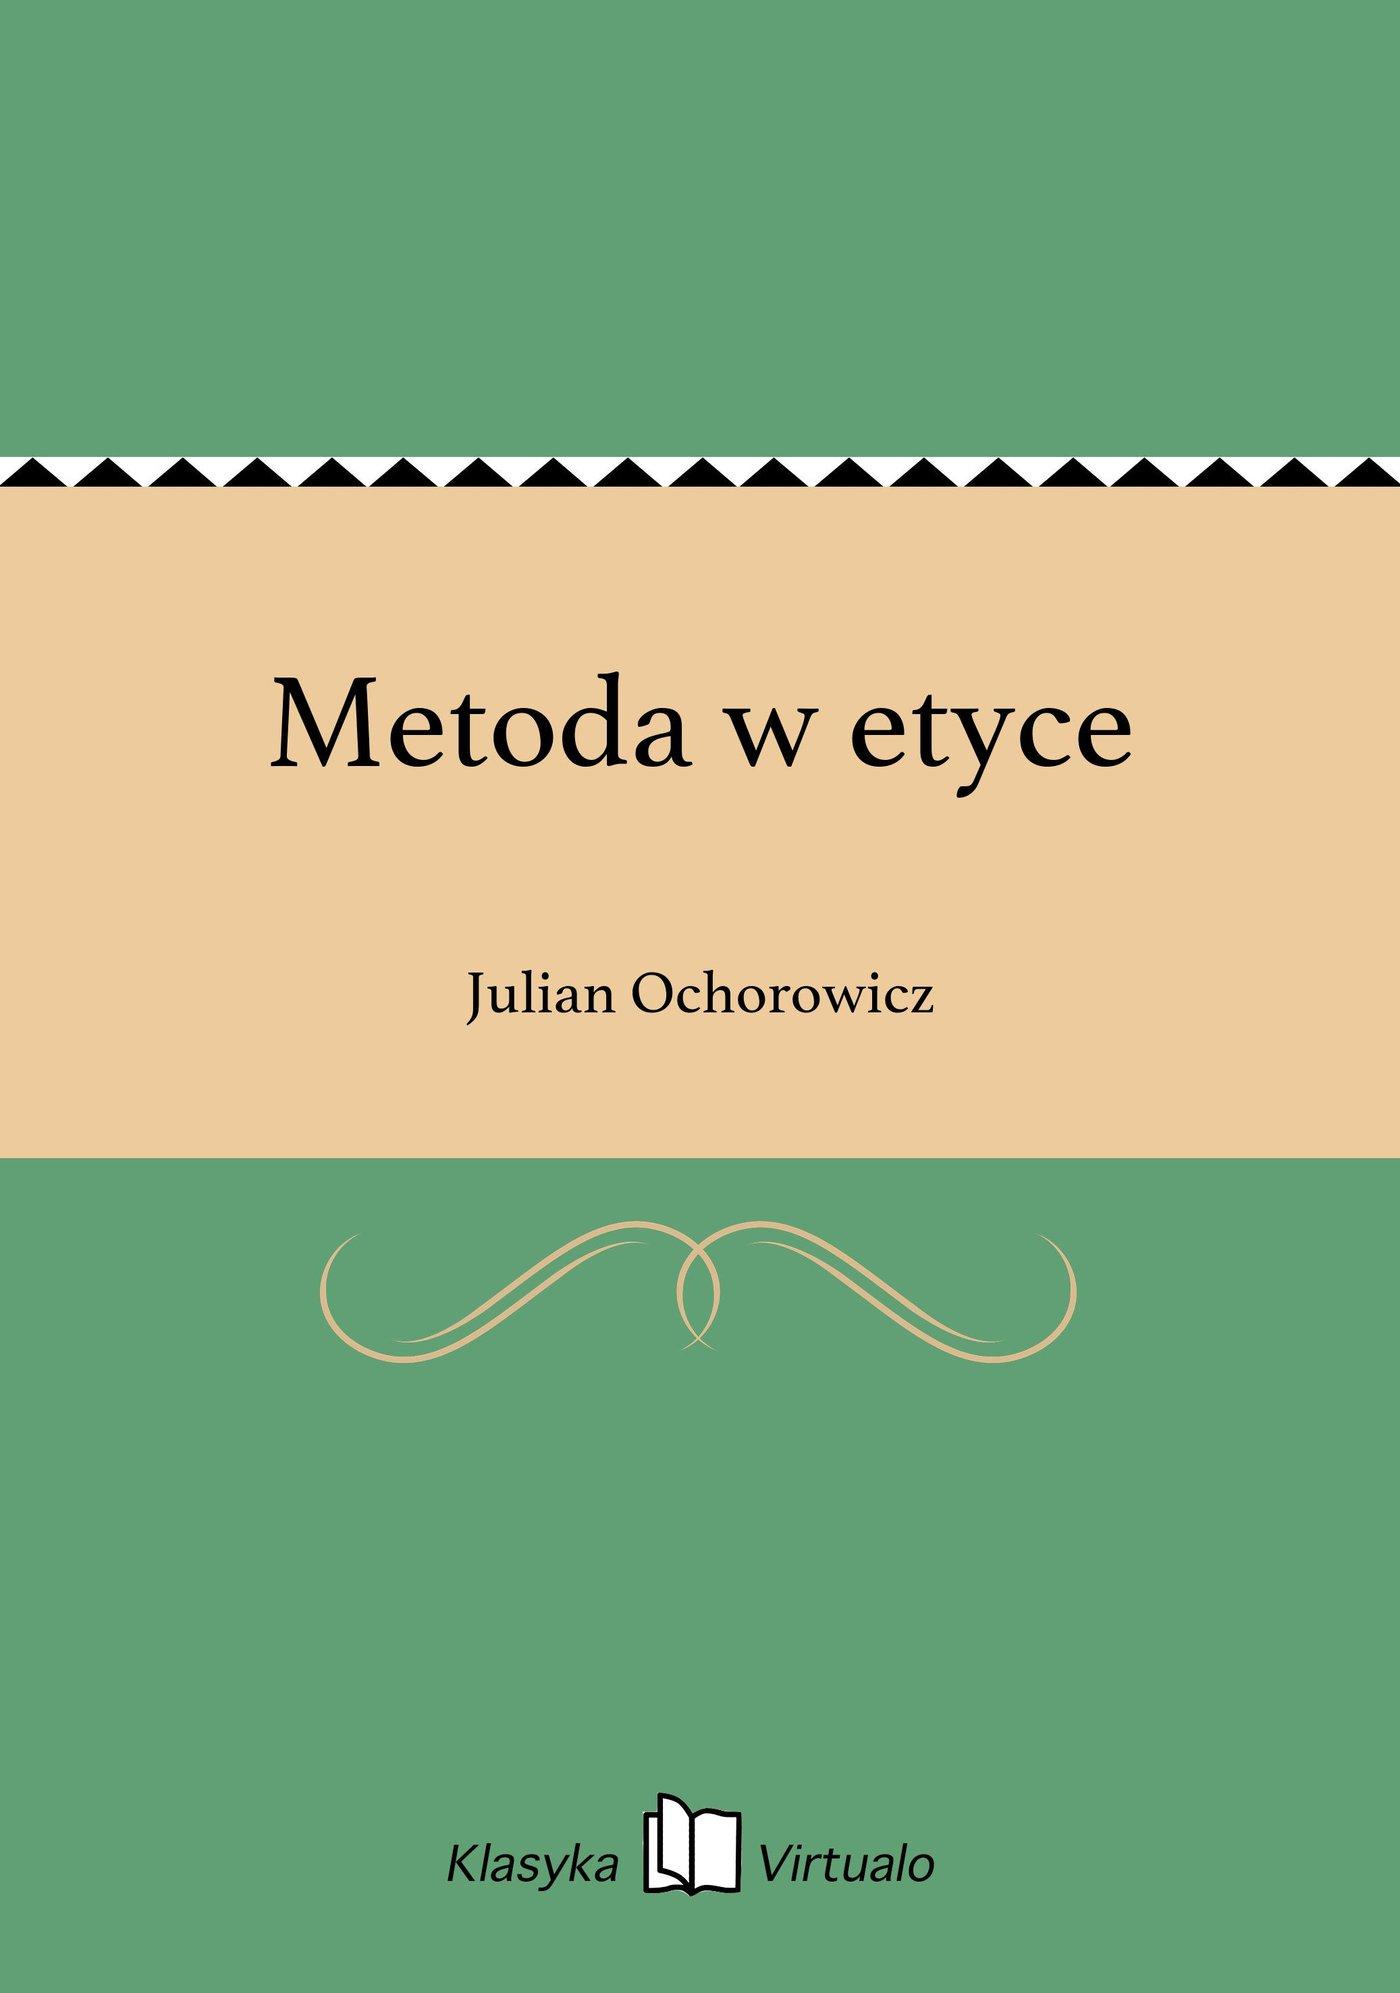 Metoda w etyce - Ebook (Książka EPUB) do pobrania w formacie EPUB